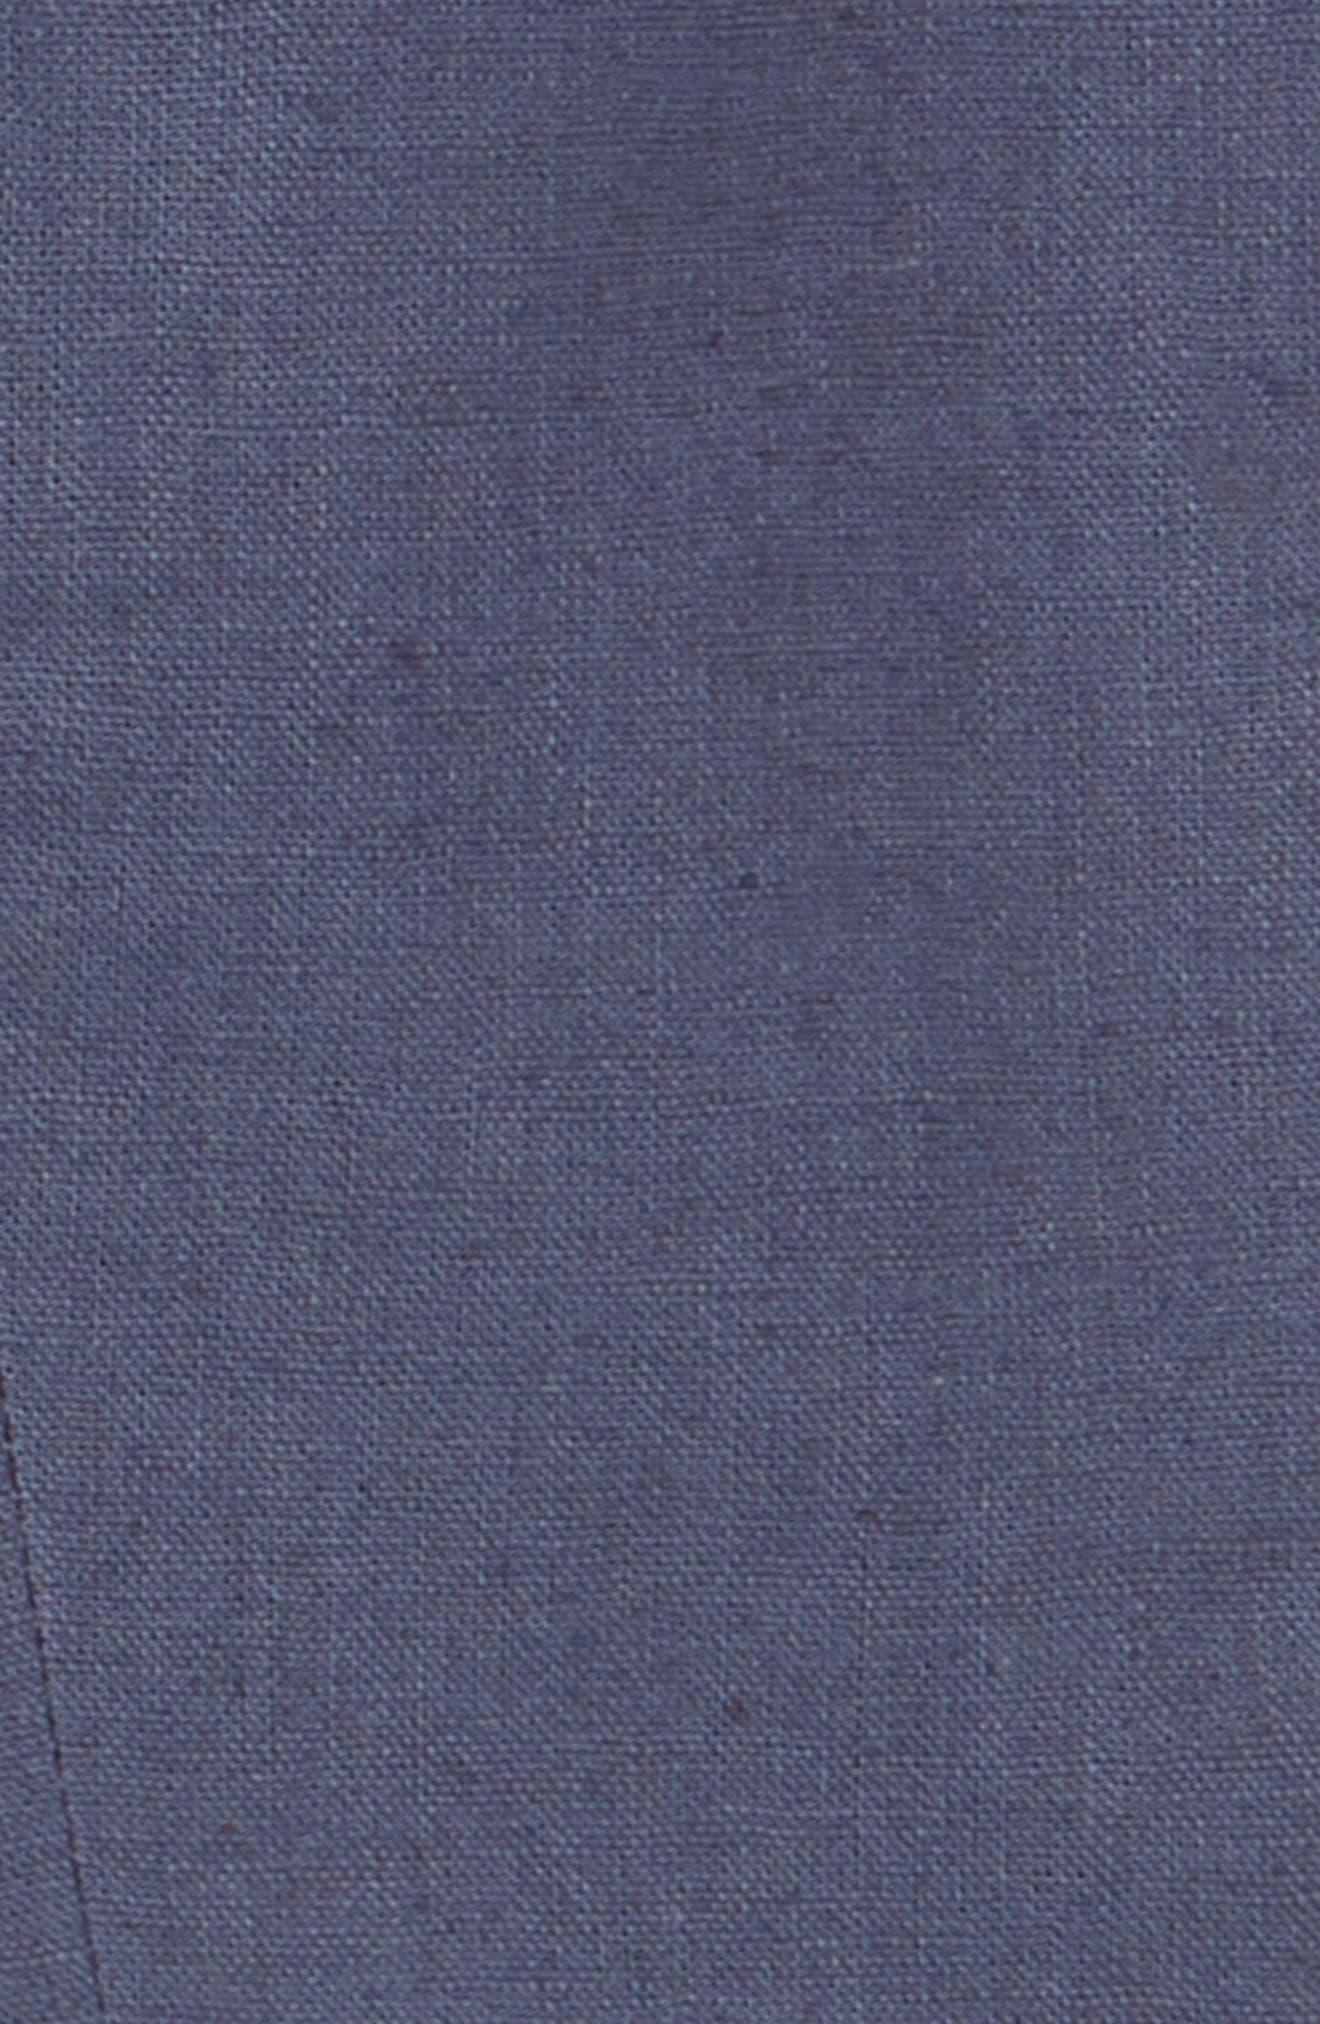 Two-Piece Fashion Linen Suit,                             Alternate thumbnail 2, color,                             090